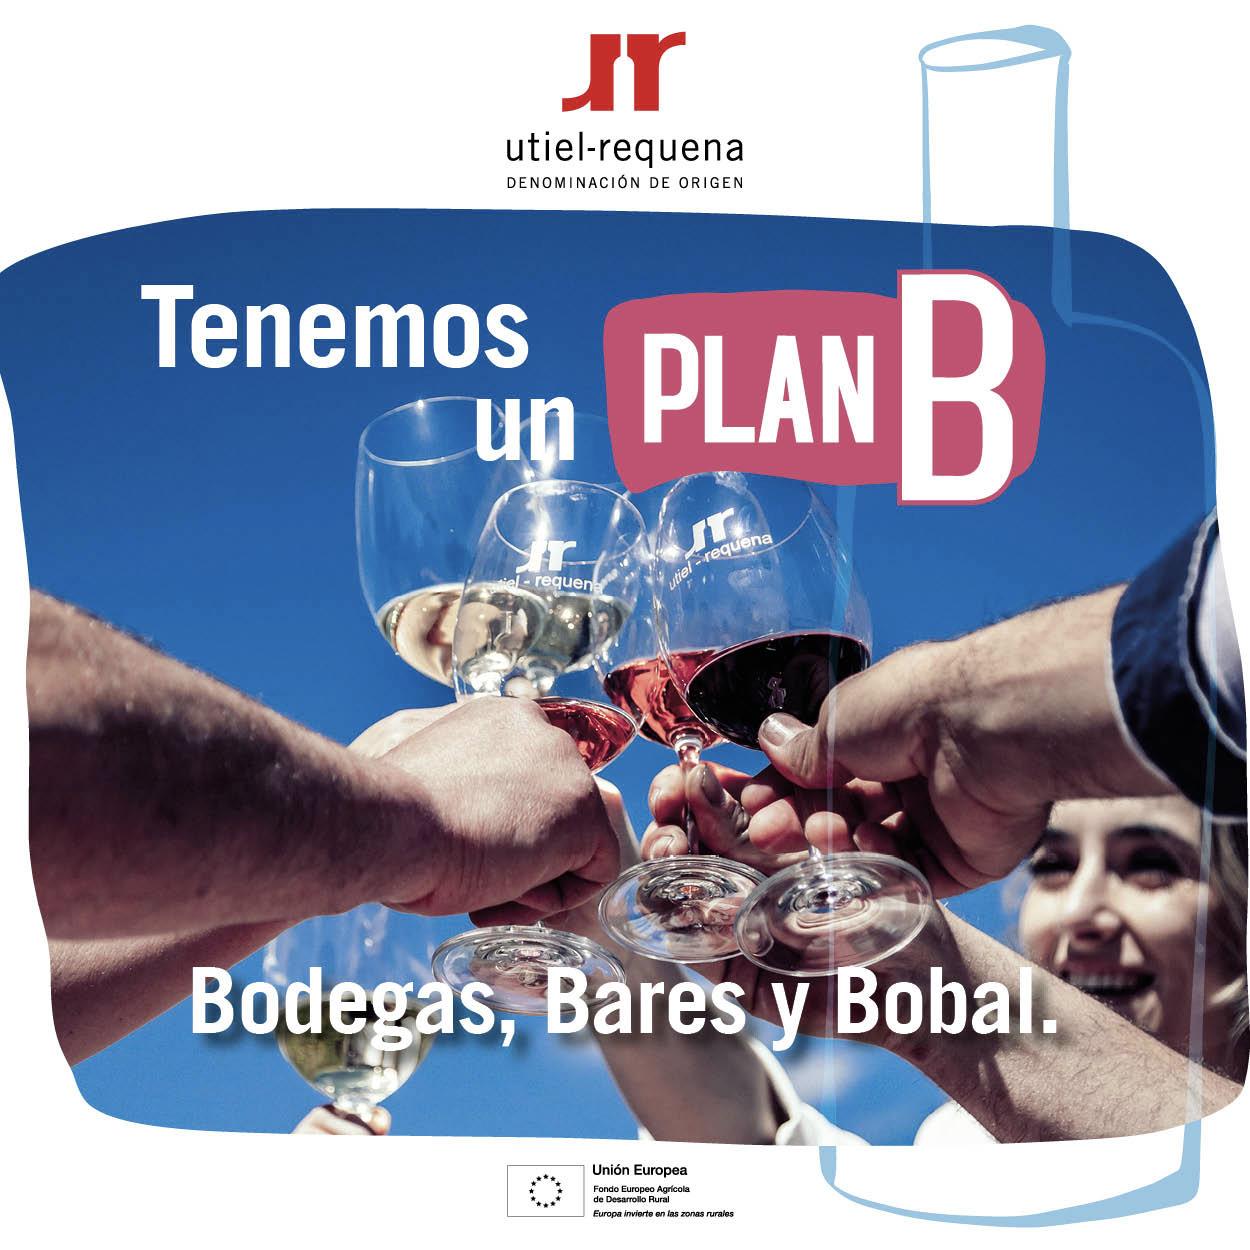 DOウティエル・レケーナ、ワイナリーおよび飲食業界を支援するキャンペーンをスタート